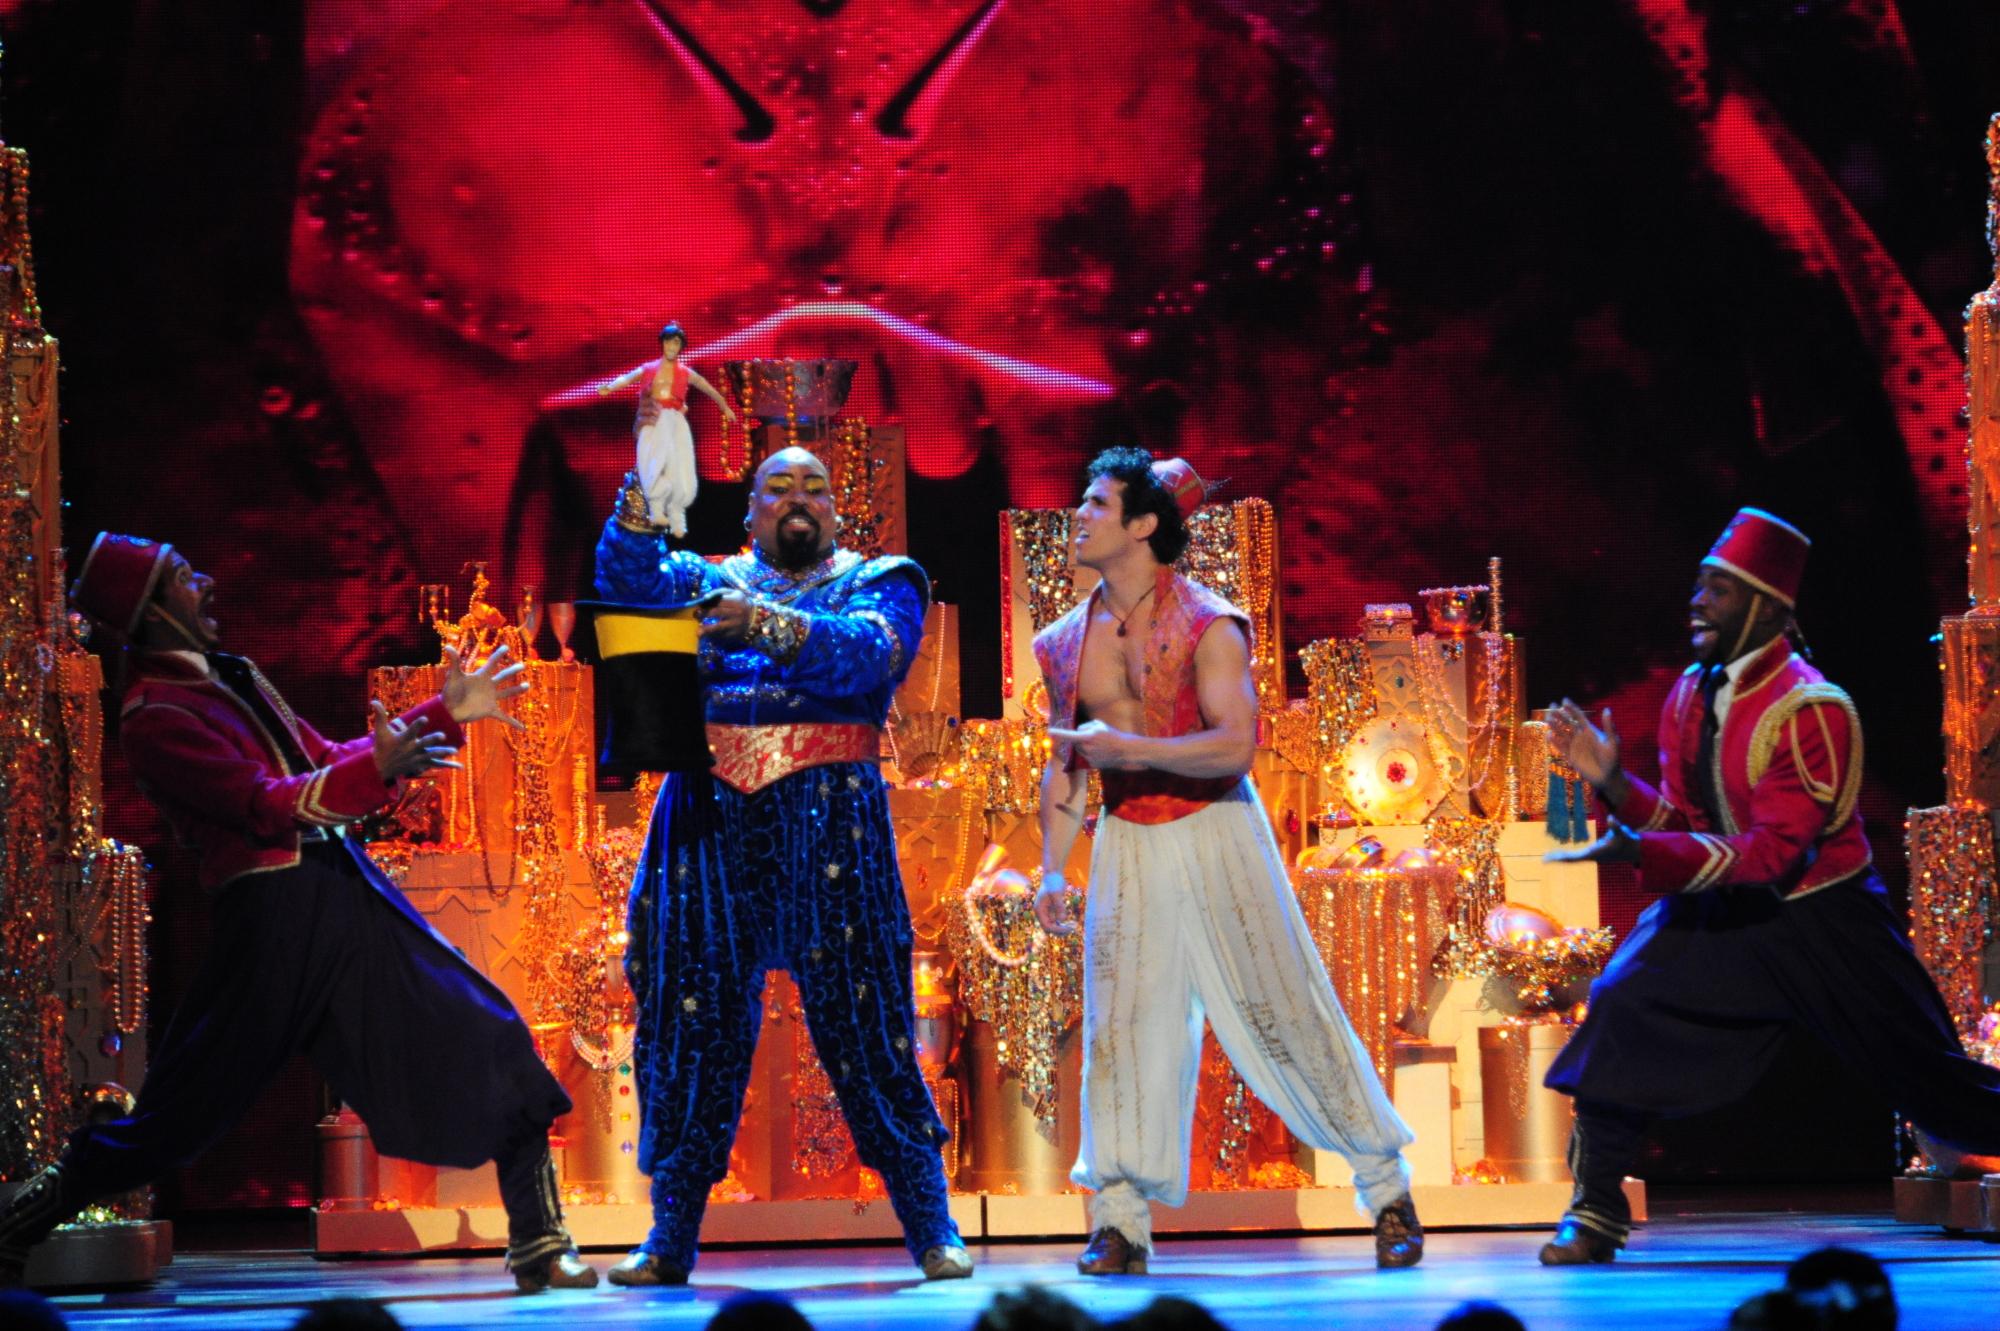 The Cast of Aladdin - 2014 Tony Awards